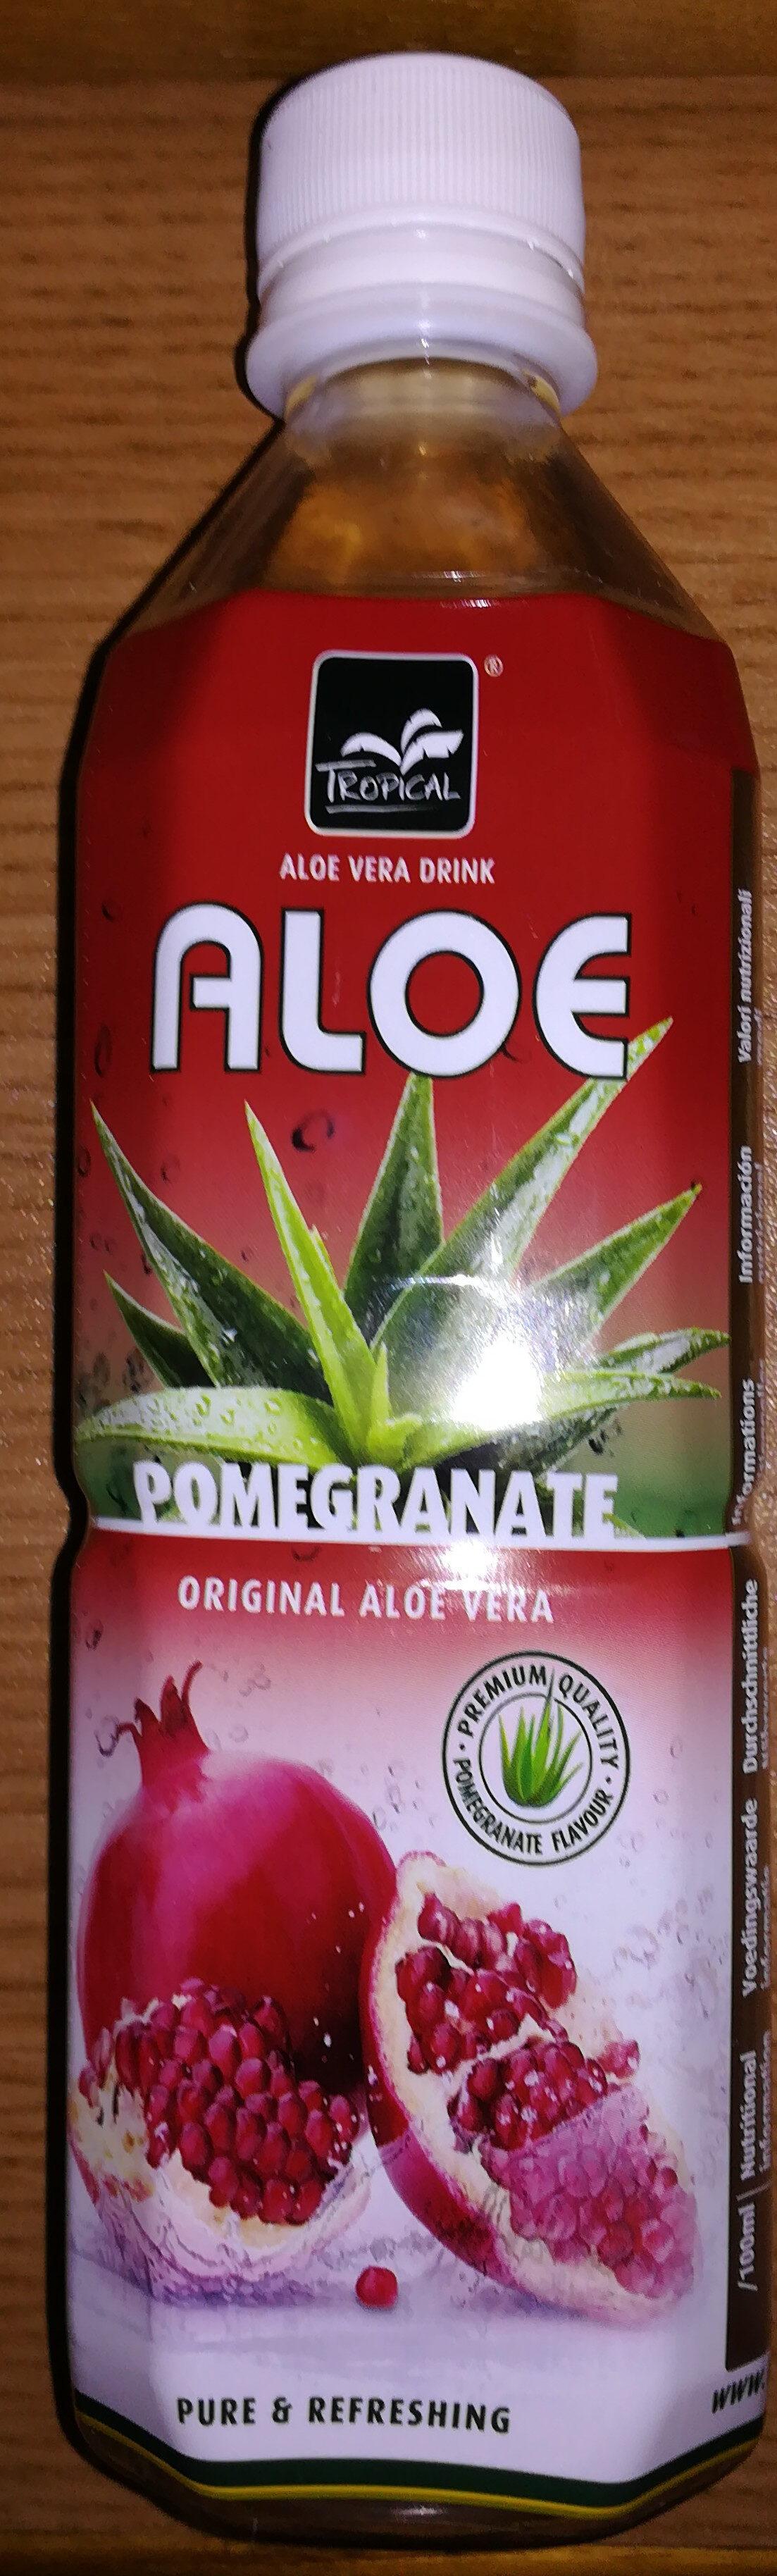 Aloe Vera Pomegranat 500Ml - Product - it